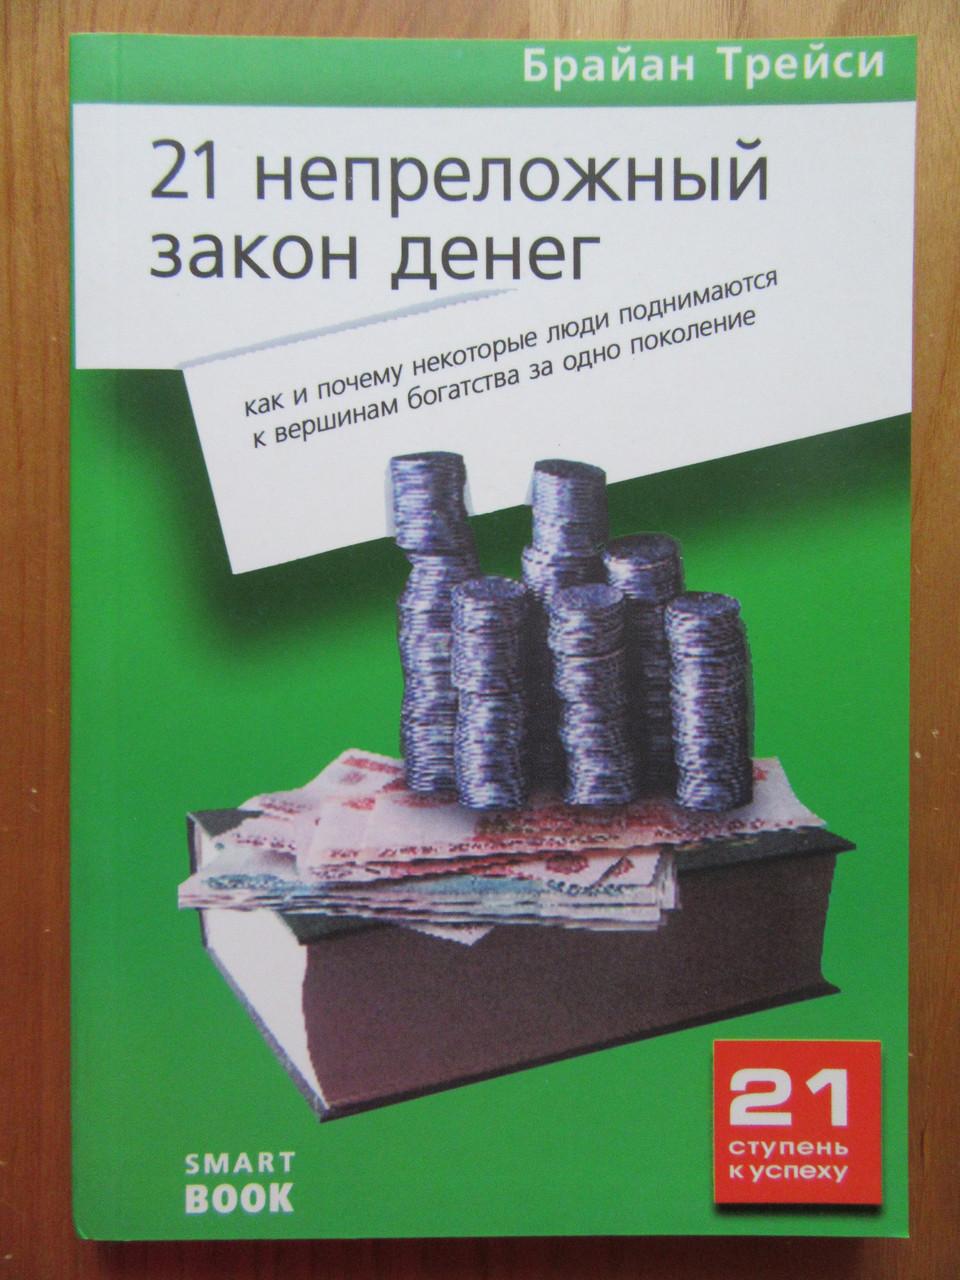 Брайан Трейси. 21 непреложный закон денег